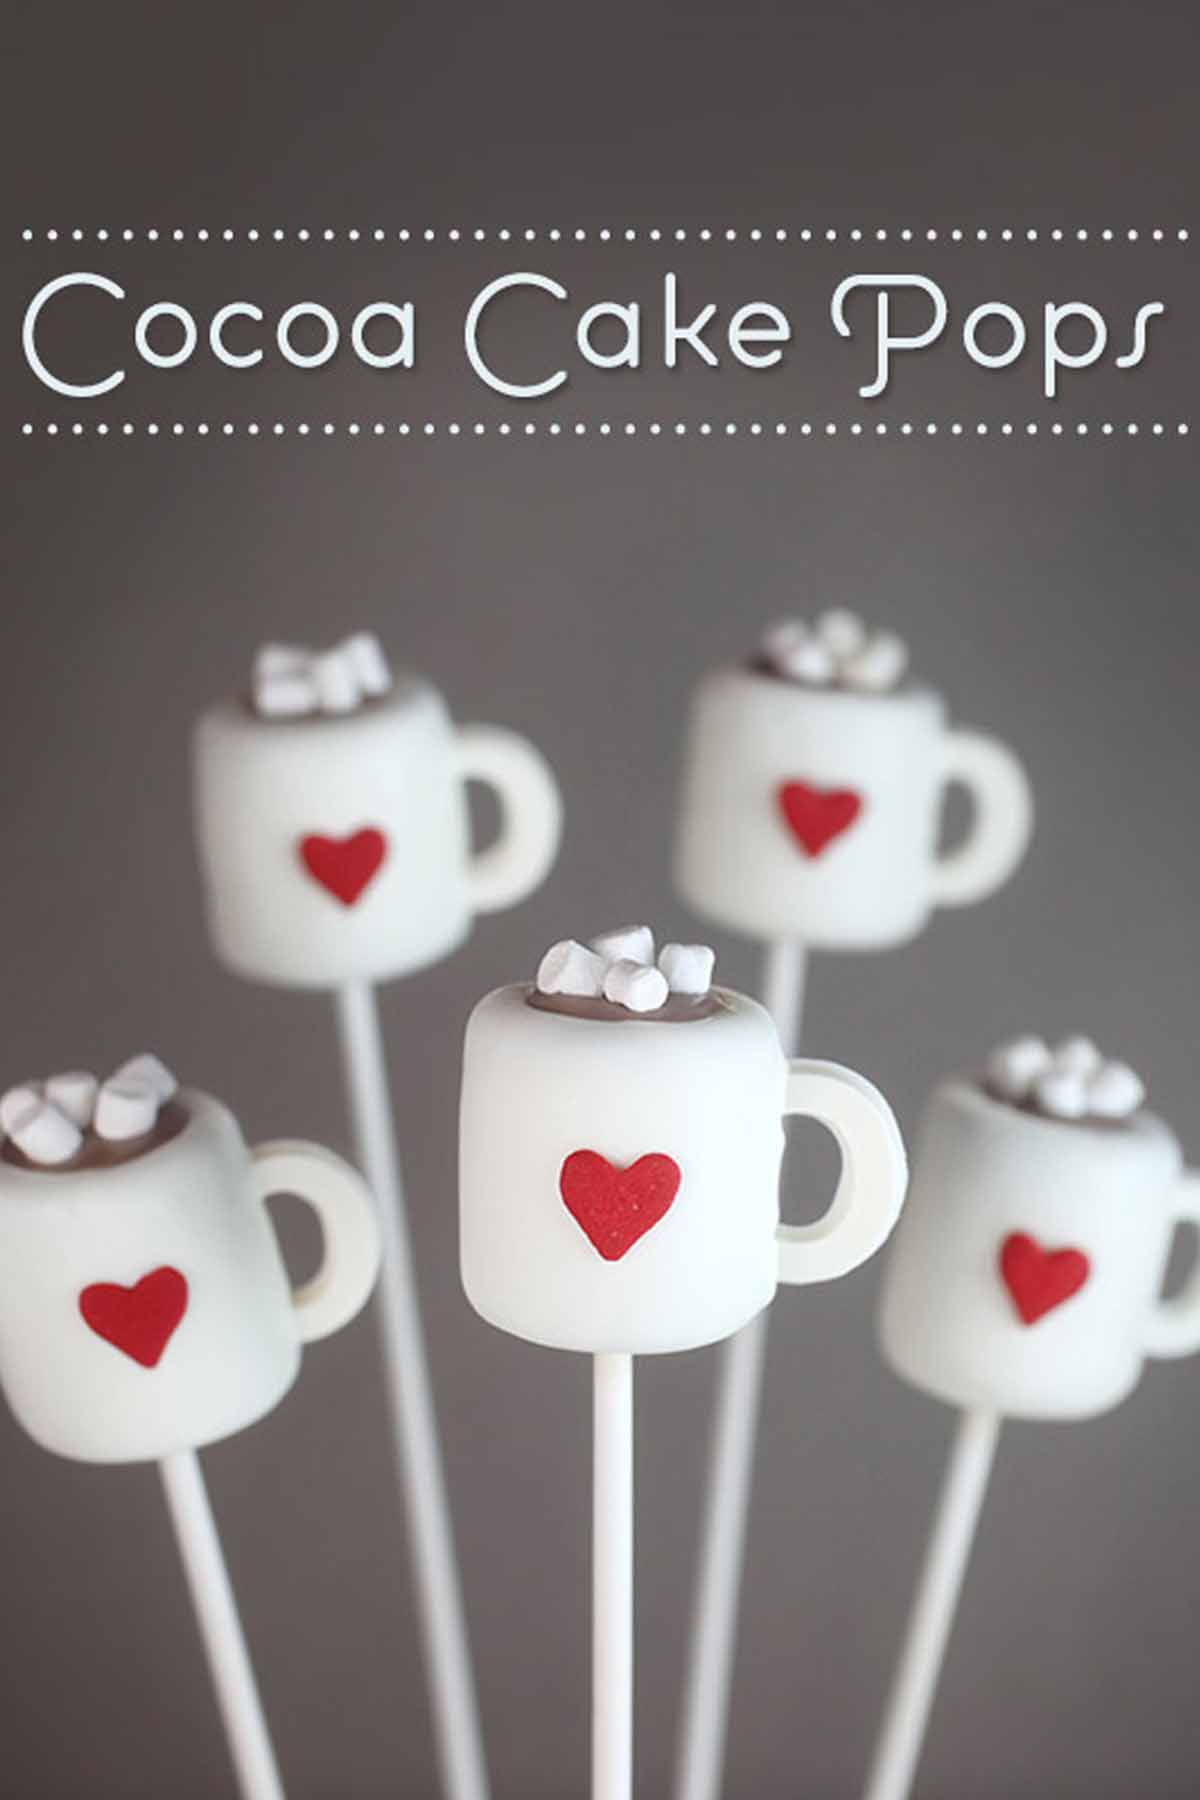 20 Creative Cake Pop Recipes | Cocoa cake, Cake pop recipe ...